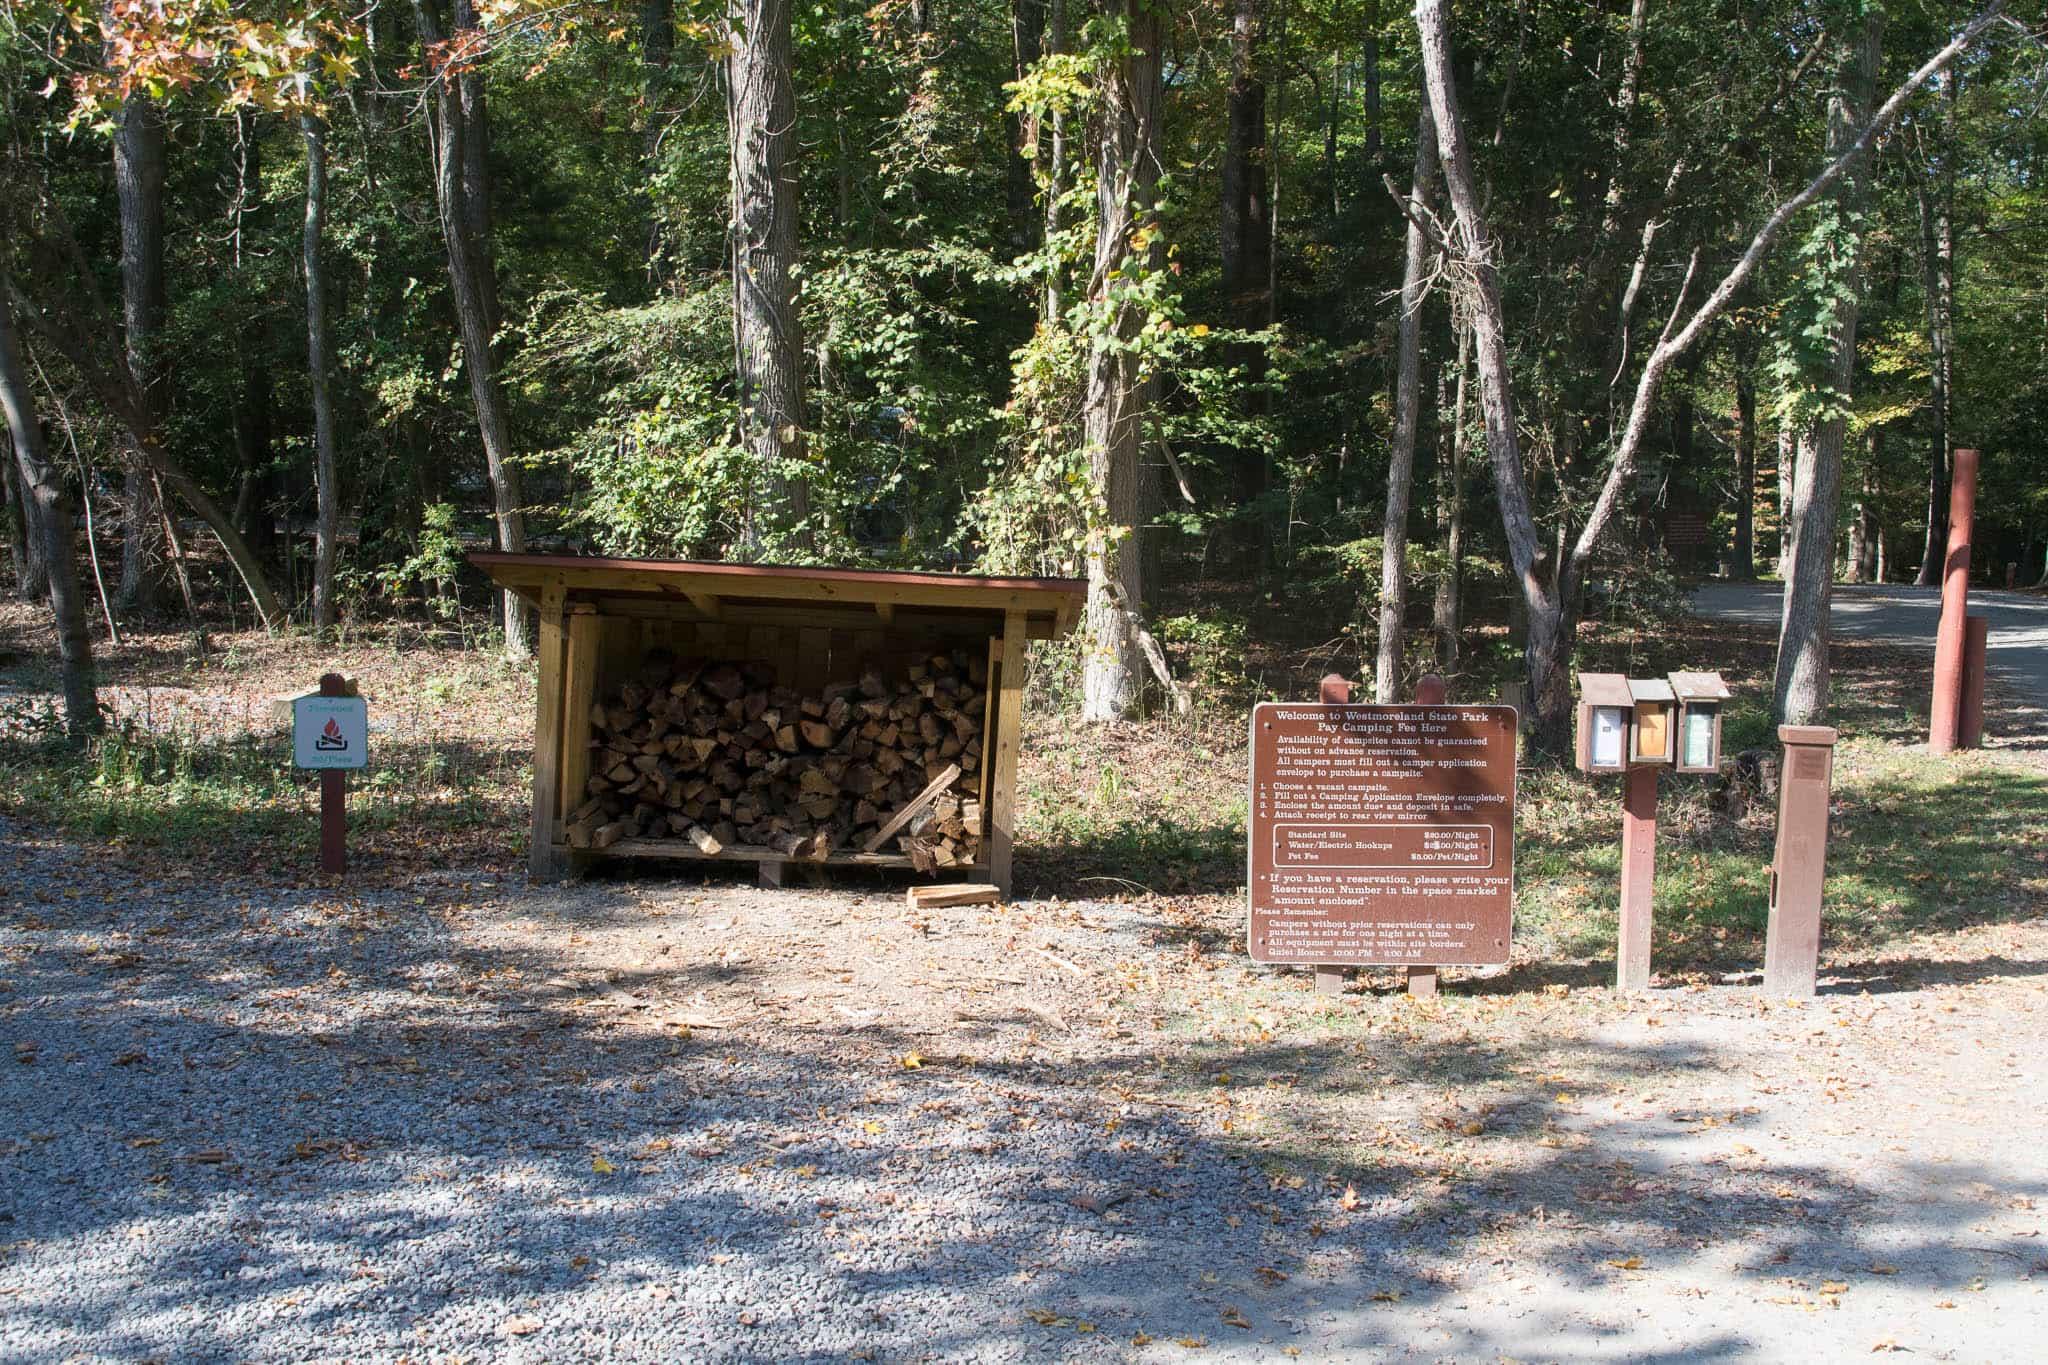 2013_10_05 10_42_20 Westmoreland State Park Camping (Ken)